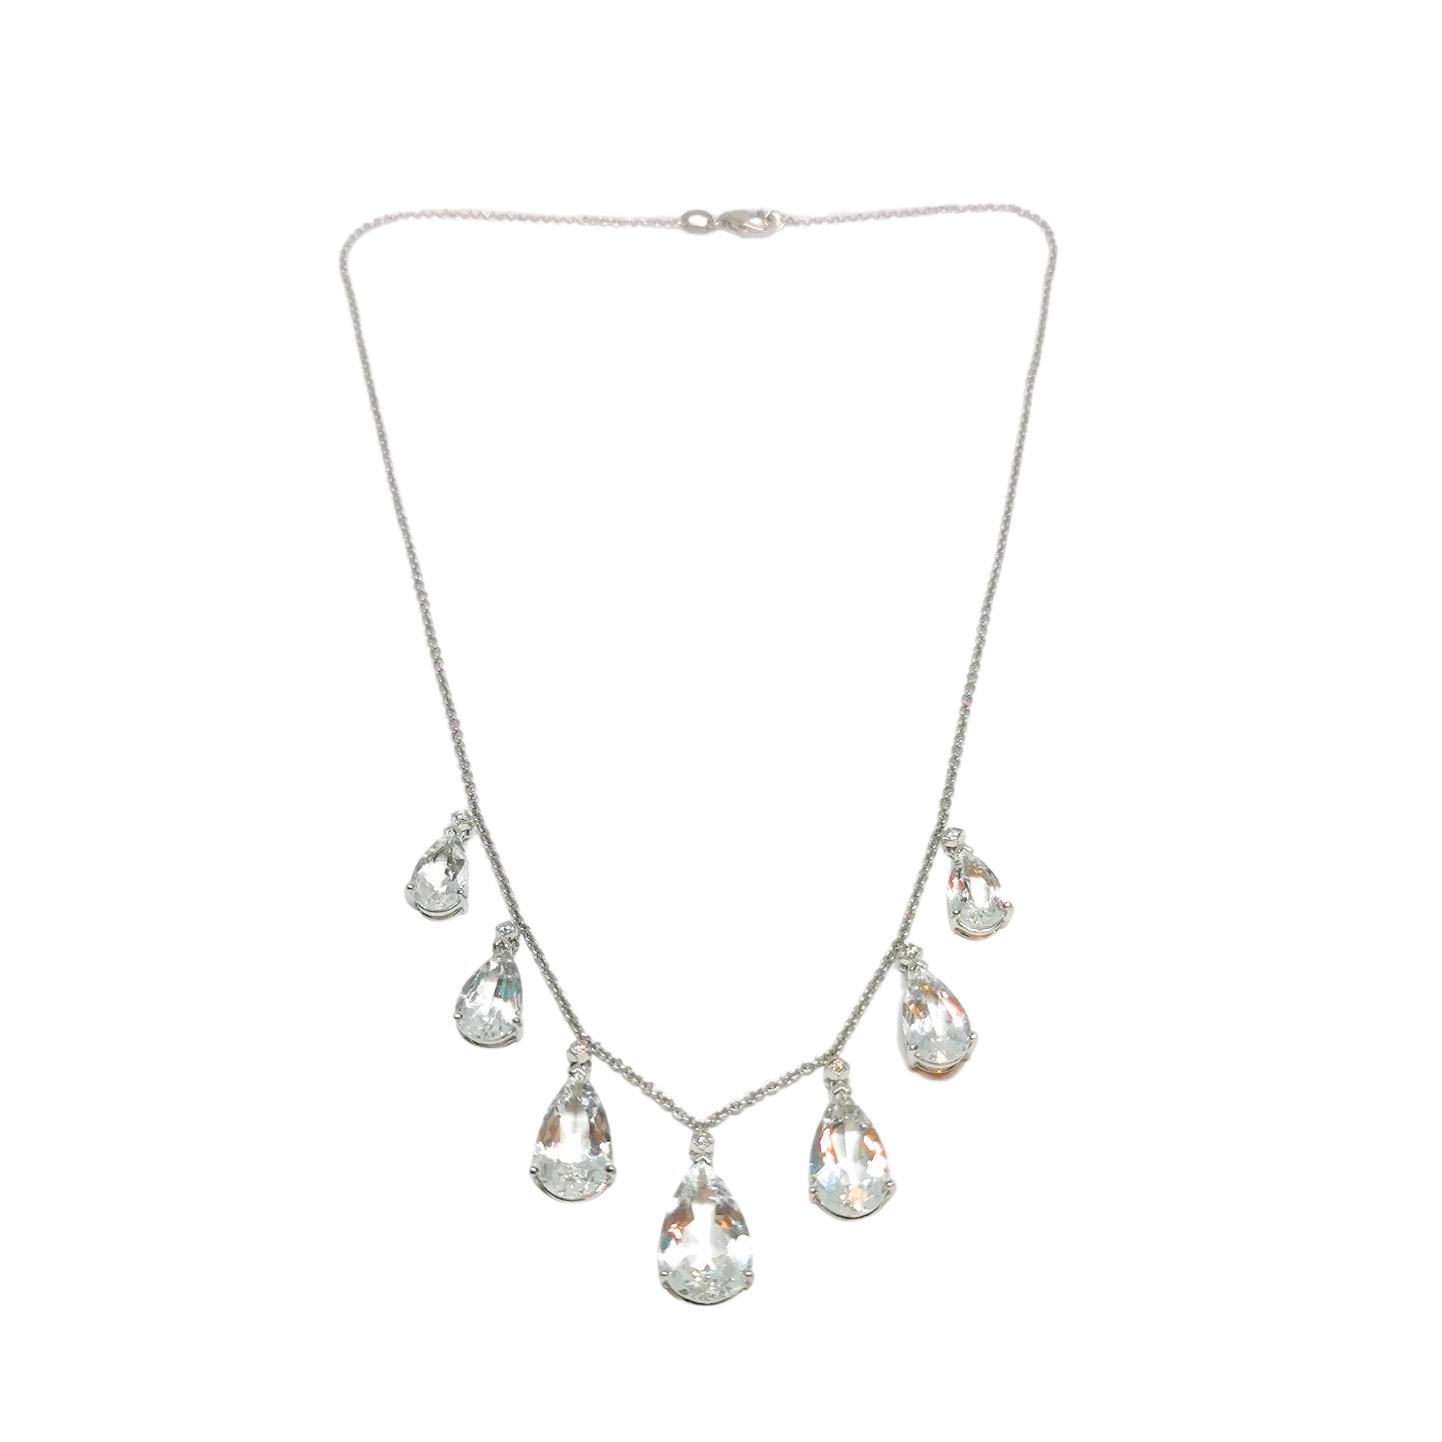 Bespoke 18ct White Gold Diamond & Aquamarine Necklace